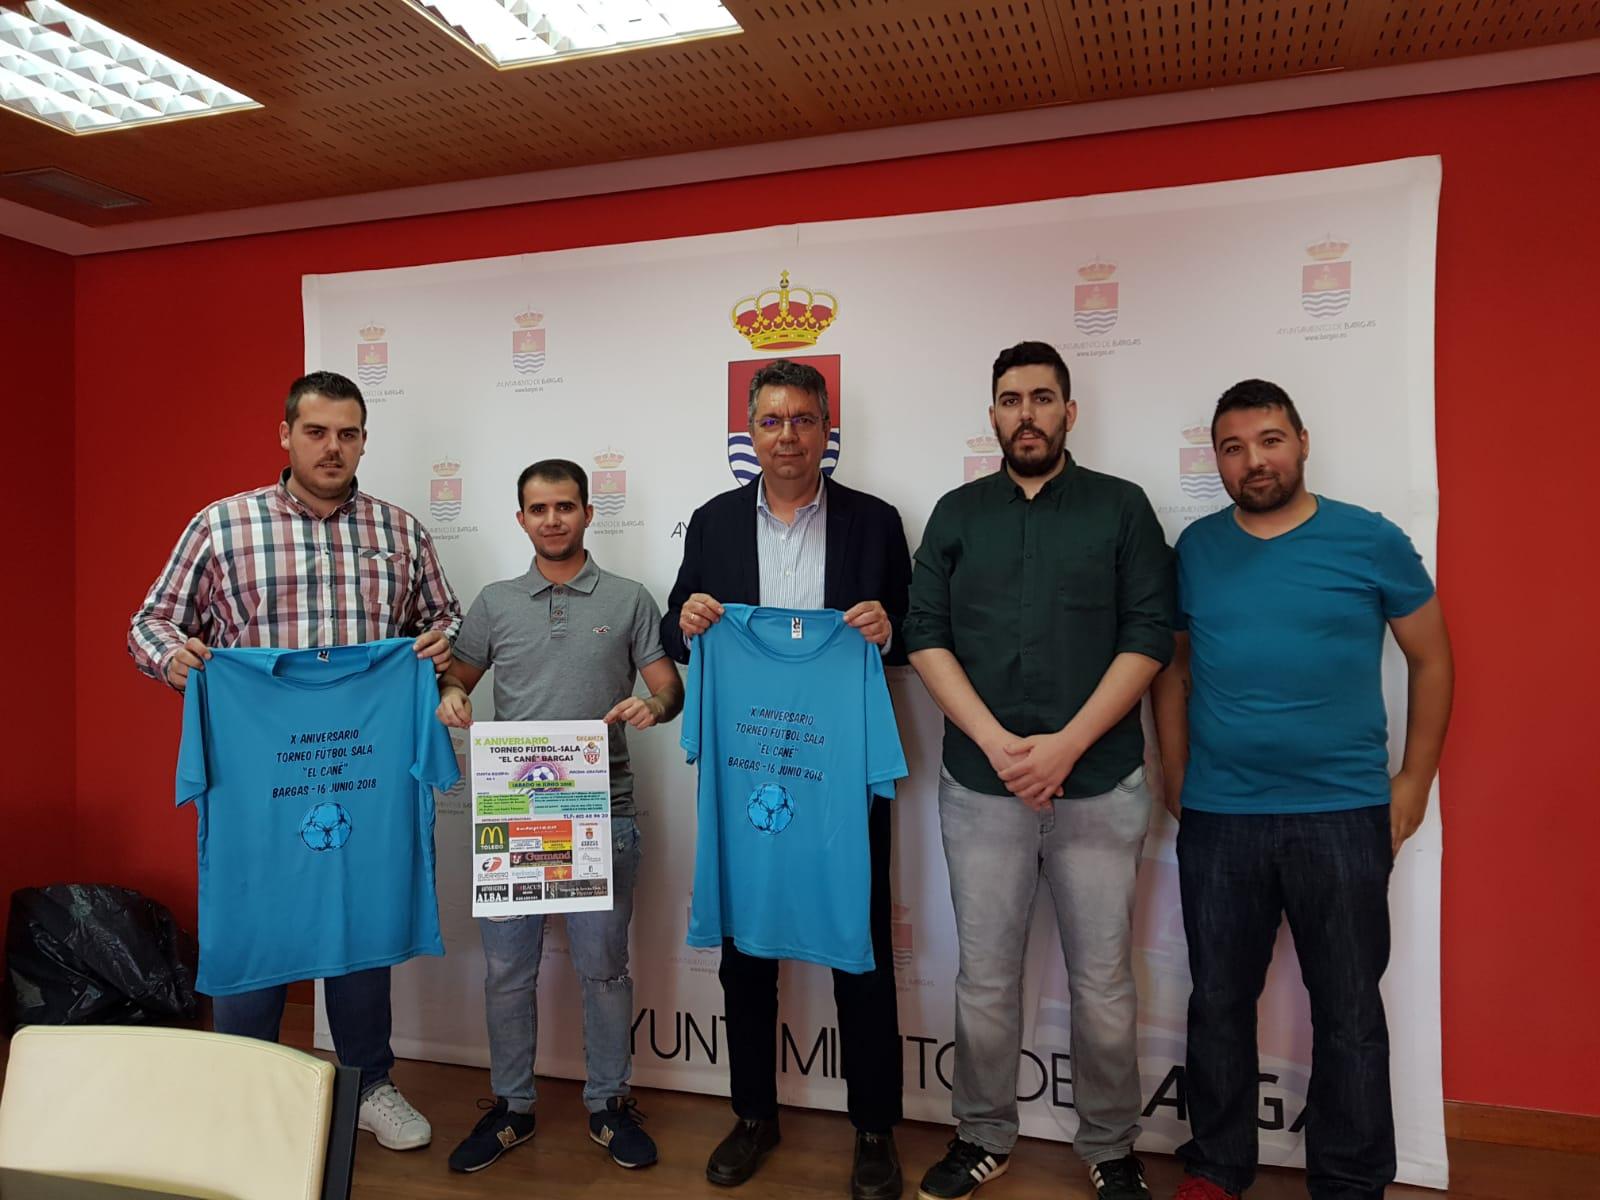 """Más de 200 jugadores participarán en el Torneo Futsal """"El Cané"""" de Bargas en su 10º Aniversario"""